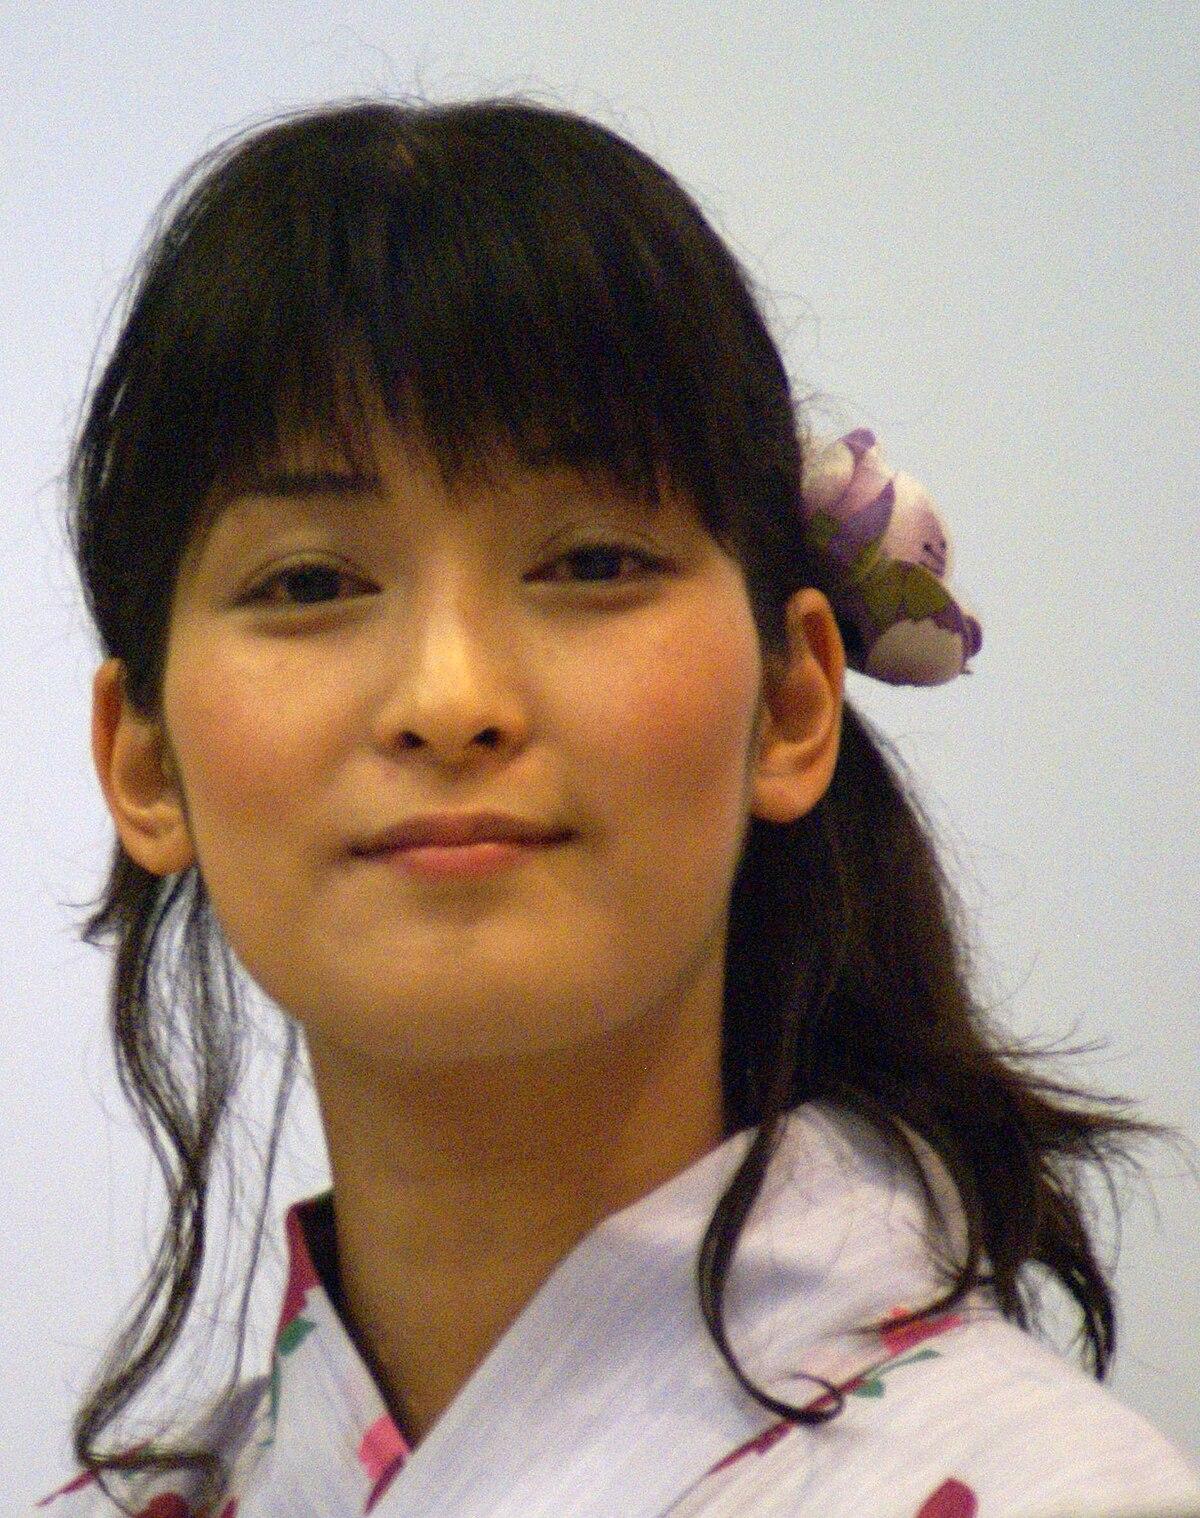 Ayako Kawasumi - Wikipedia